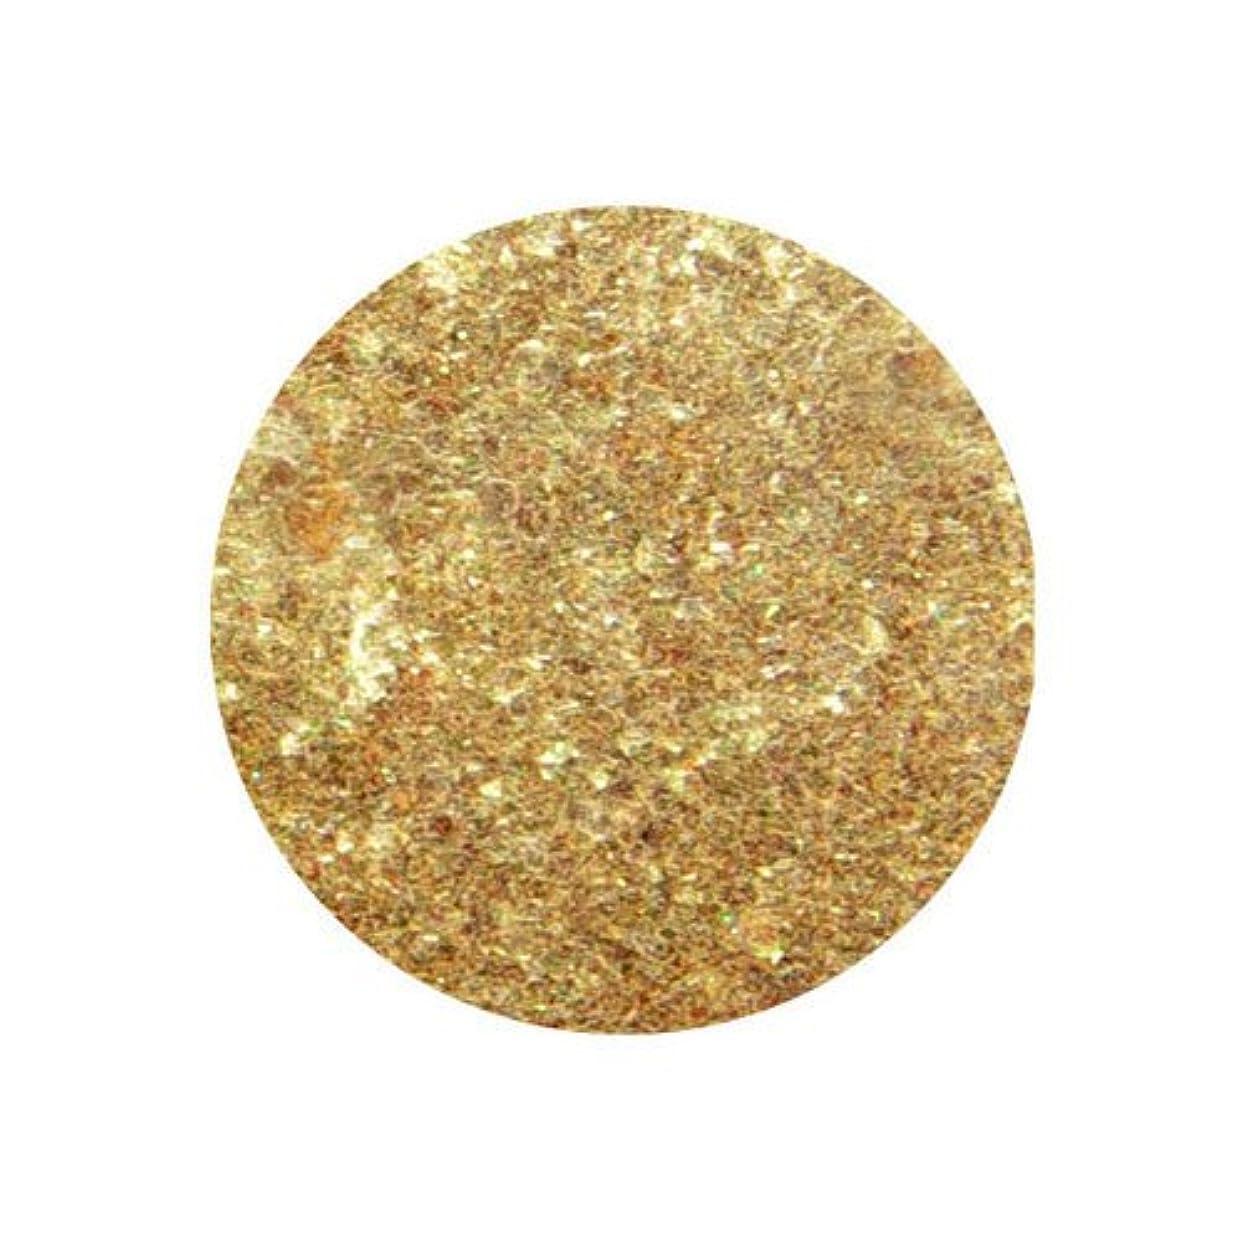 戻す角度怠なピカエース クリスタルパール L #432-CKL ゴールド 0.5g アート材